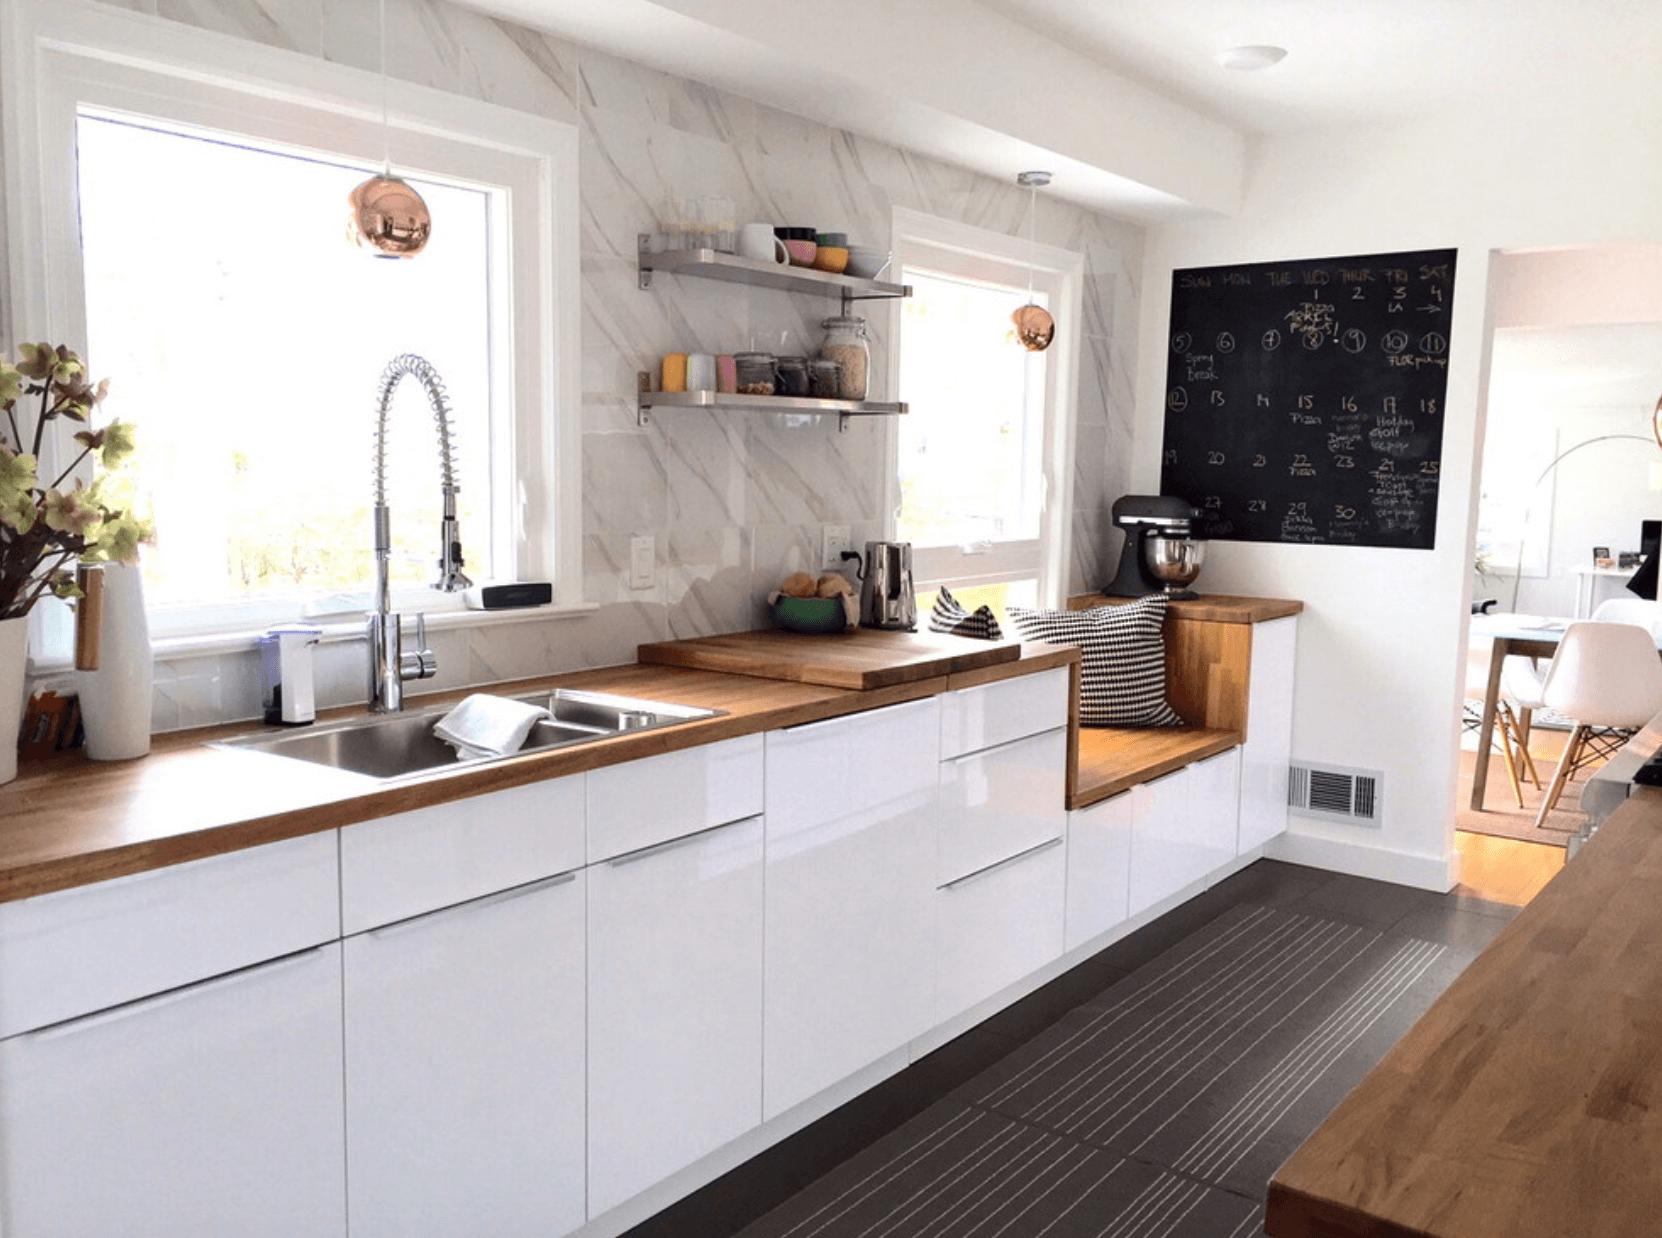 Cozinha Cozinha Americana Cozinha Pequena #966335 1662 1238